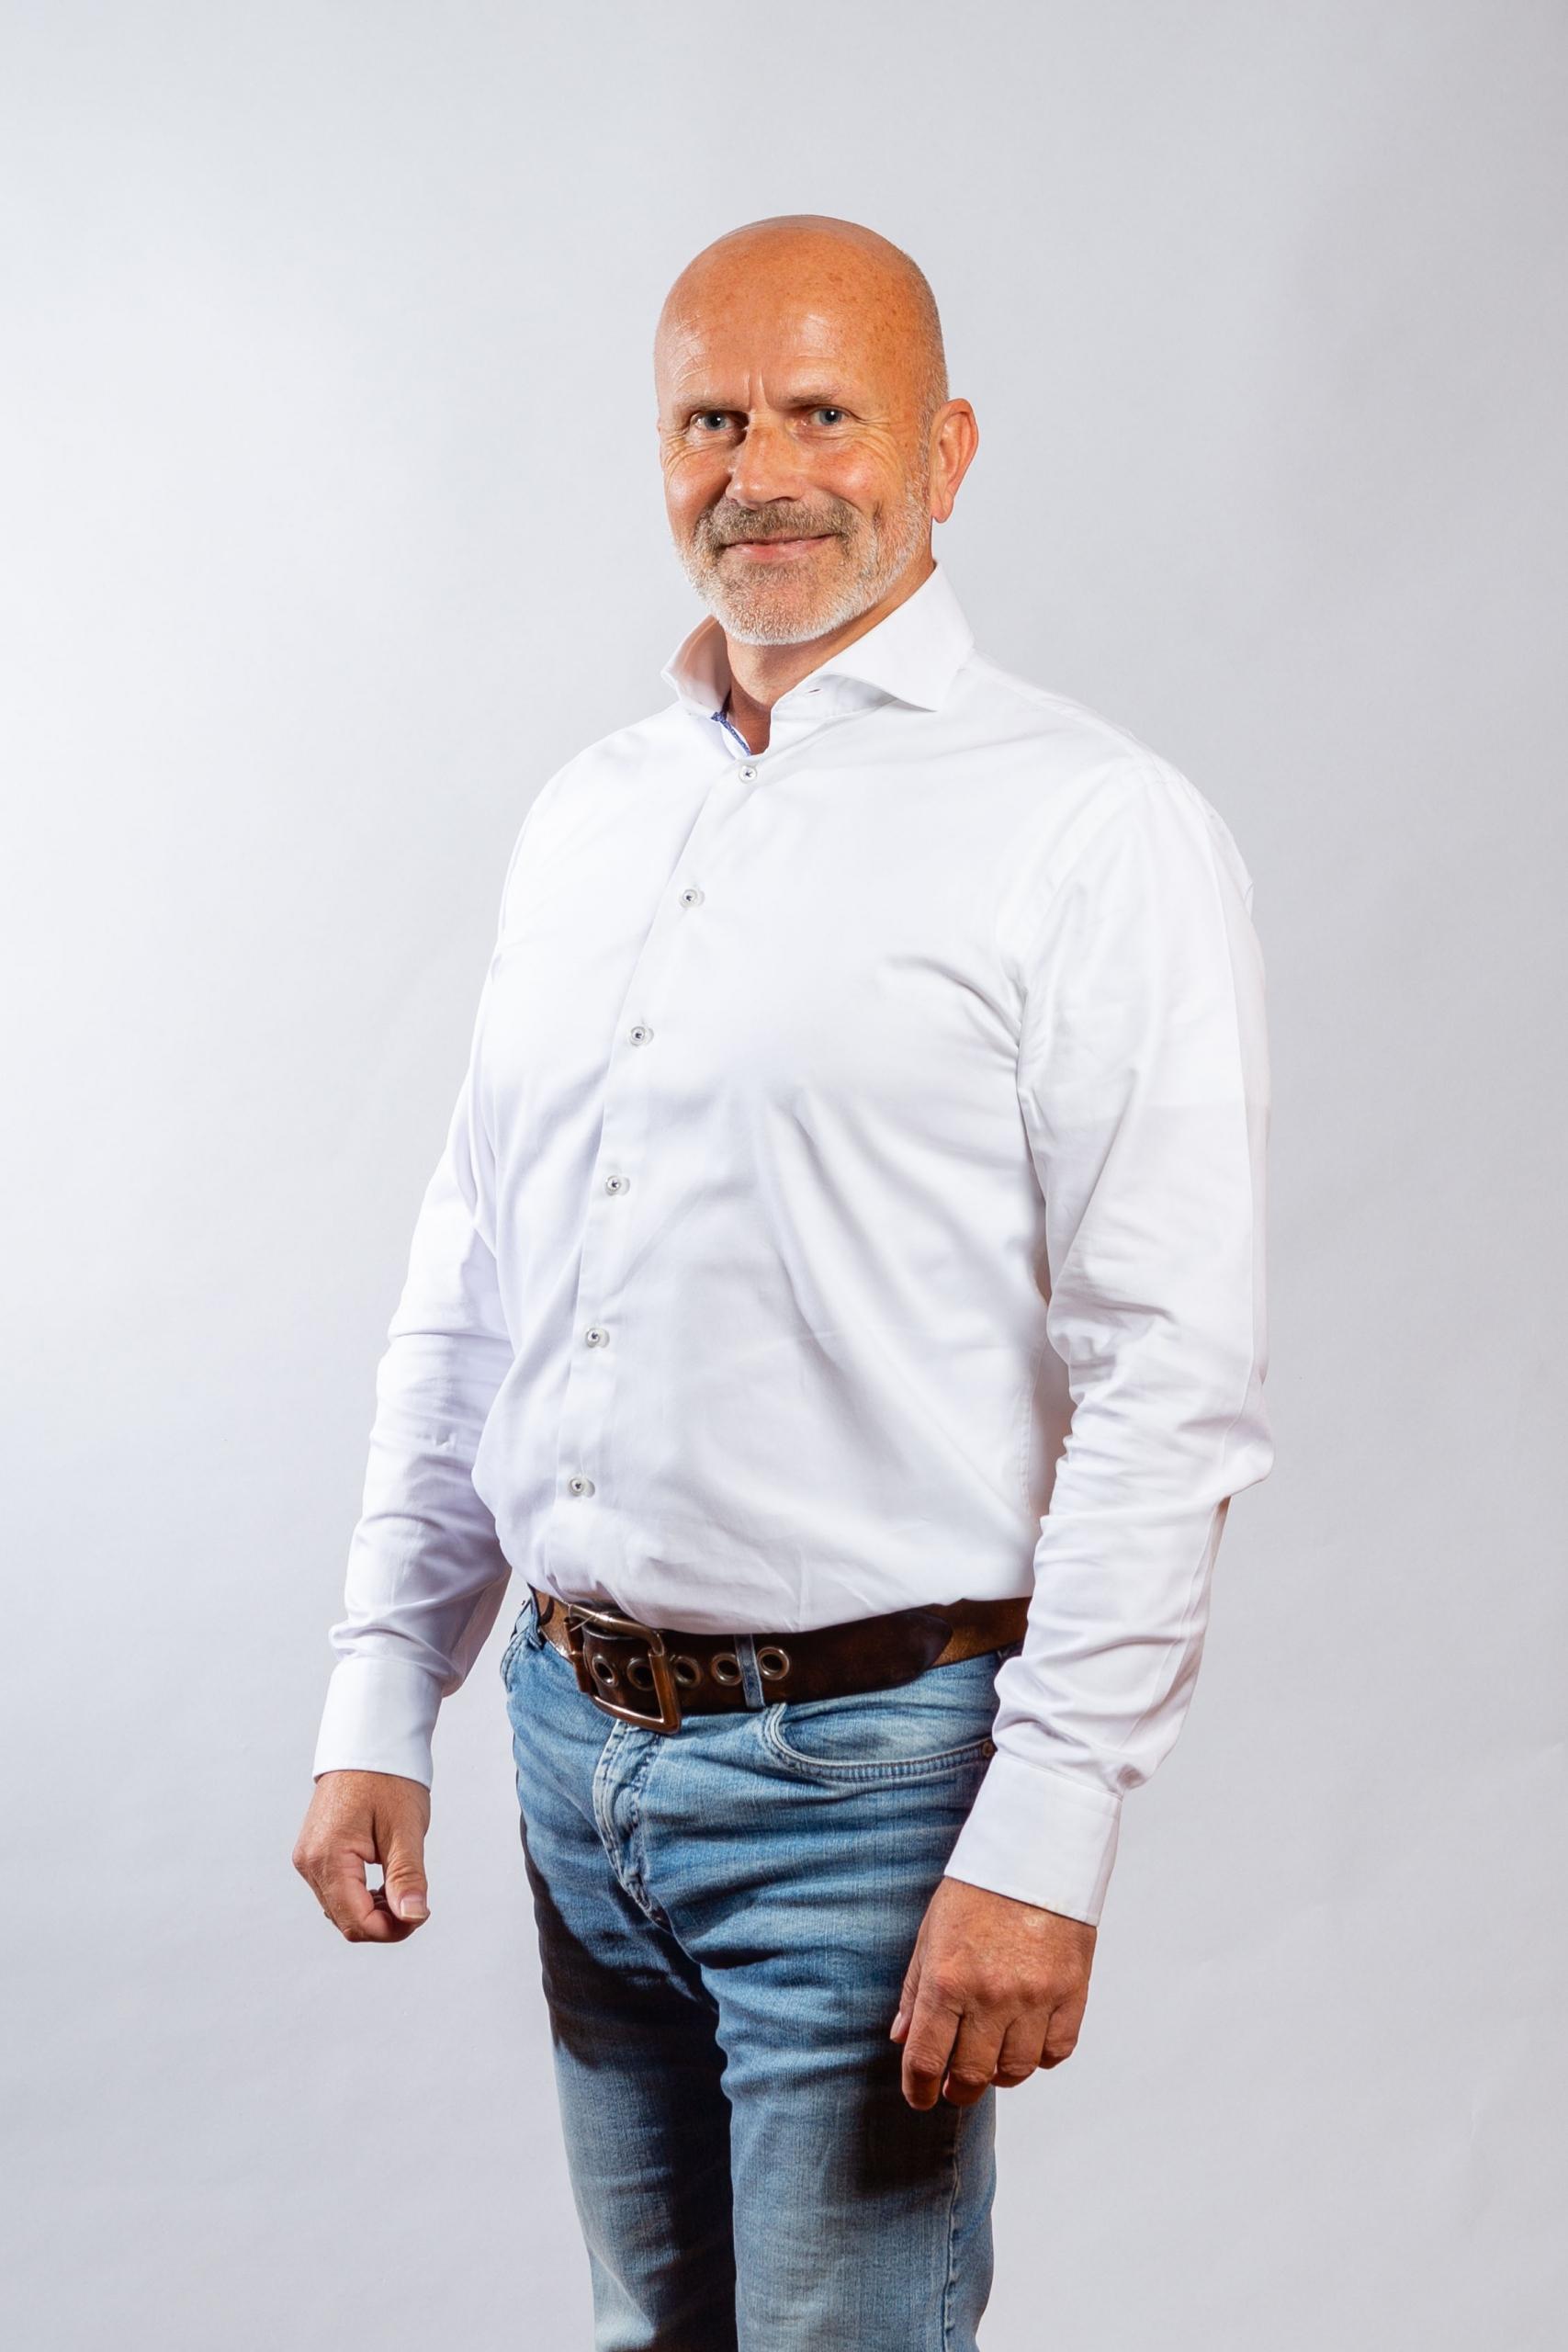 Dick van Excel